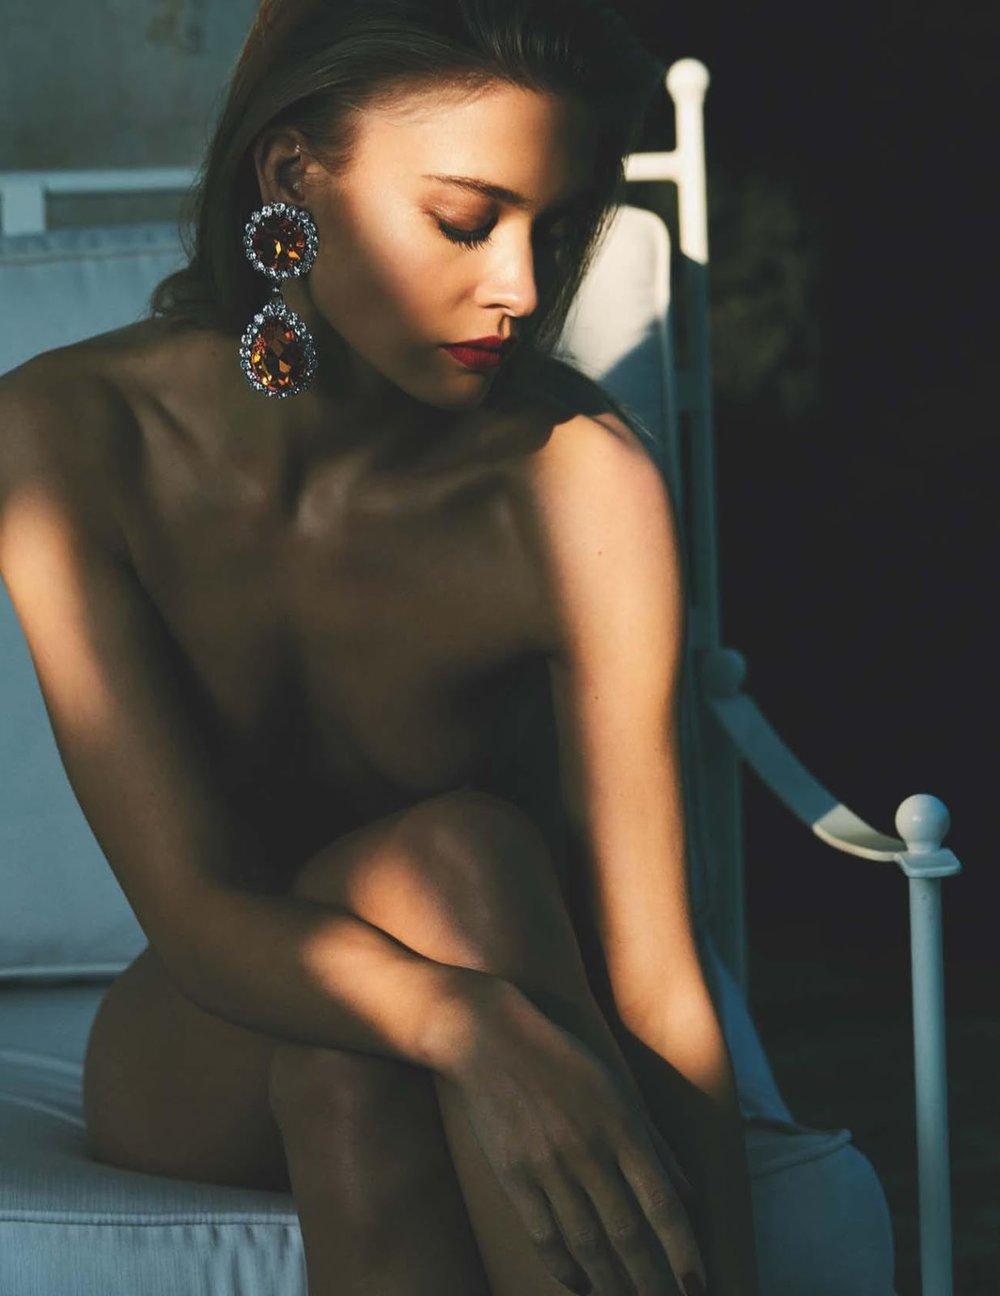 foto Rianne haspels nude